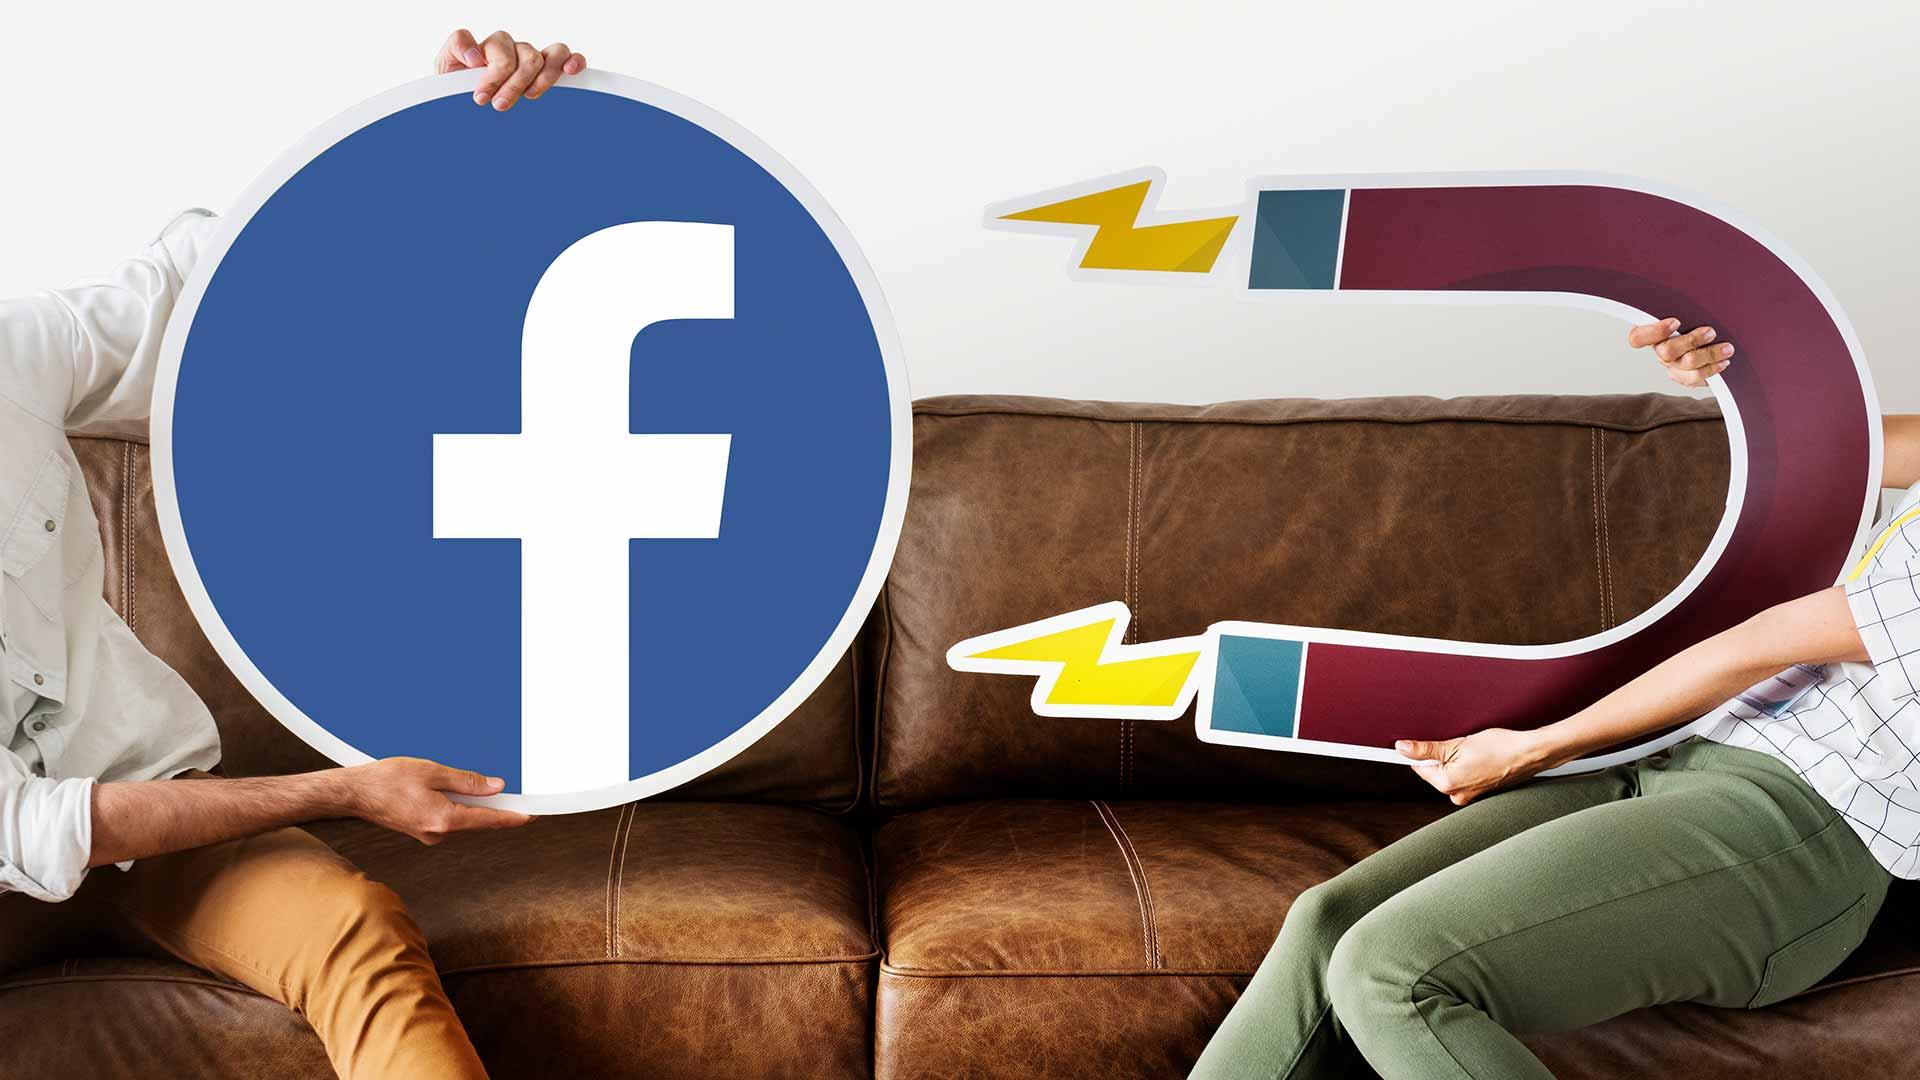 que es el píxel de facebook y para qué sirve